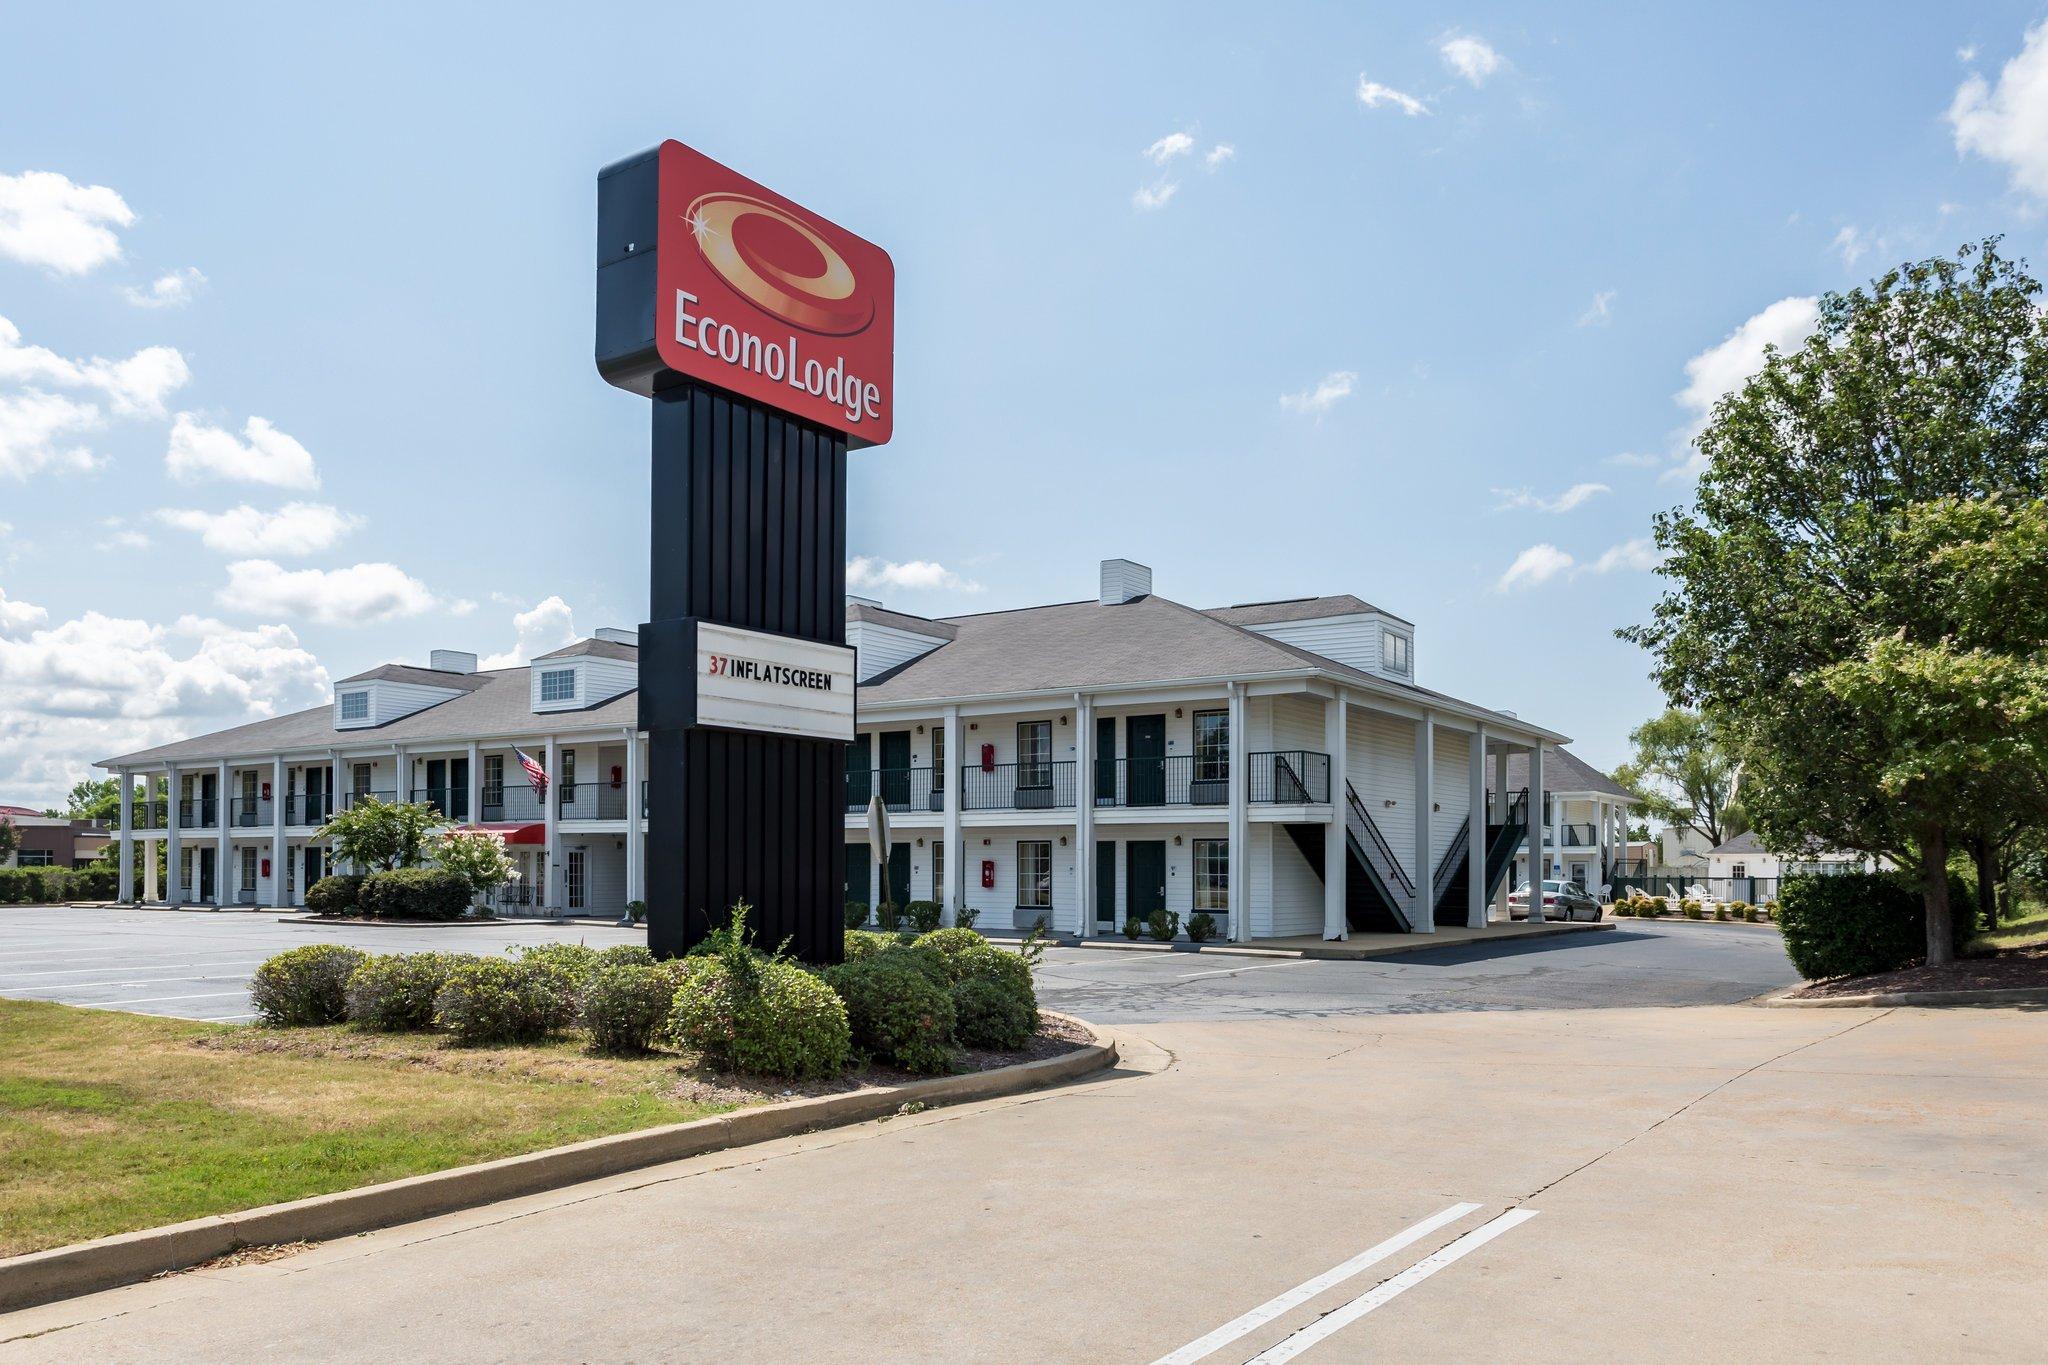 圖珀洛伊克諾飯店